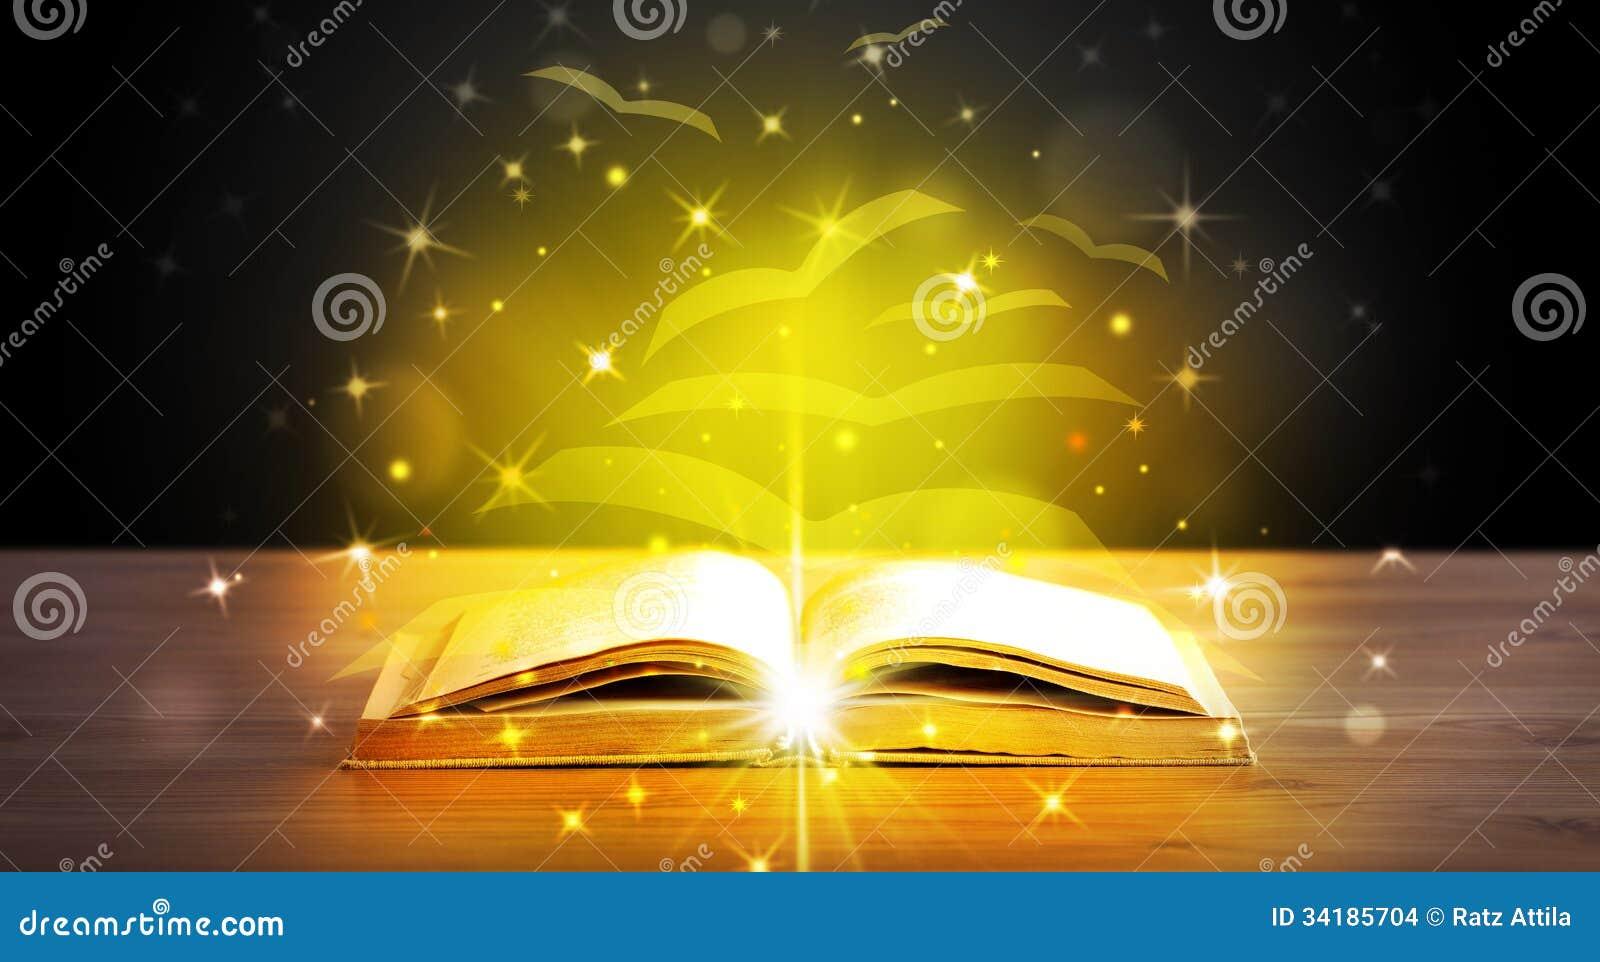 wallpaper golden book open - photo #5